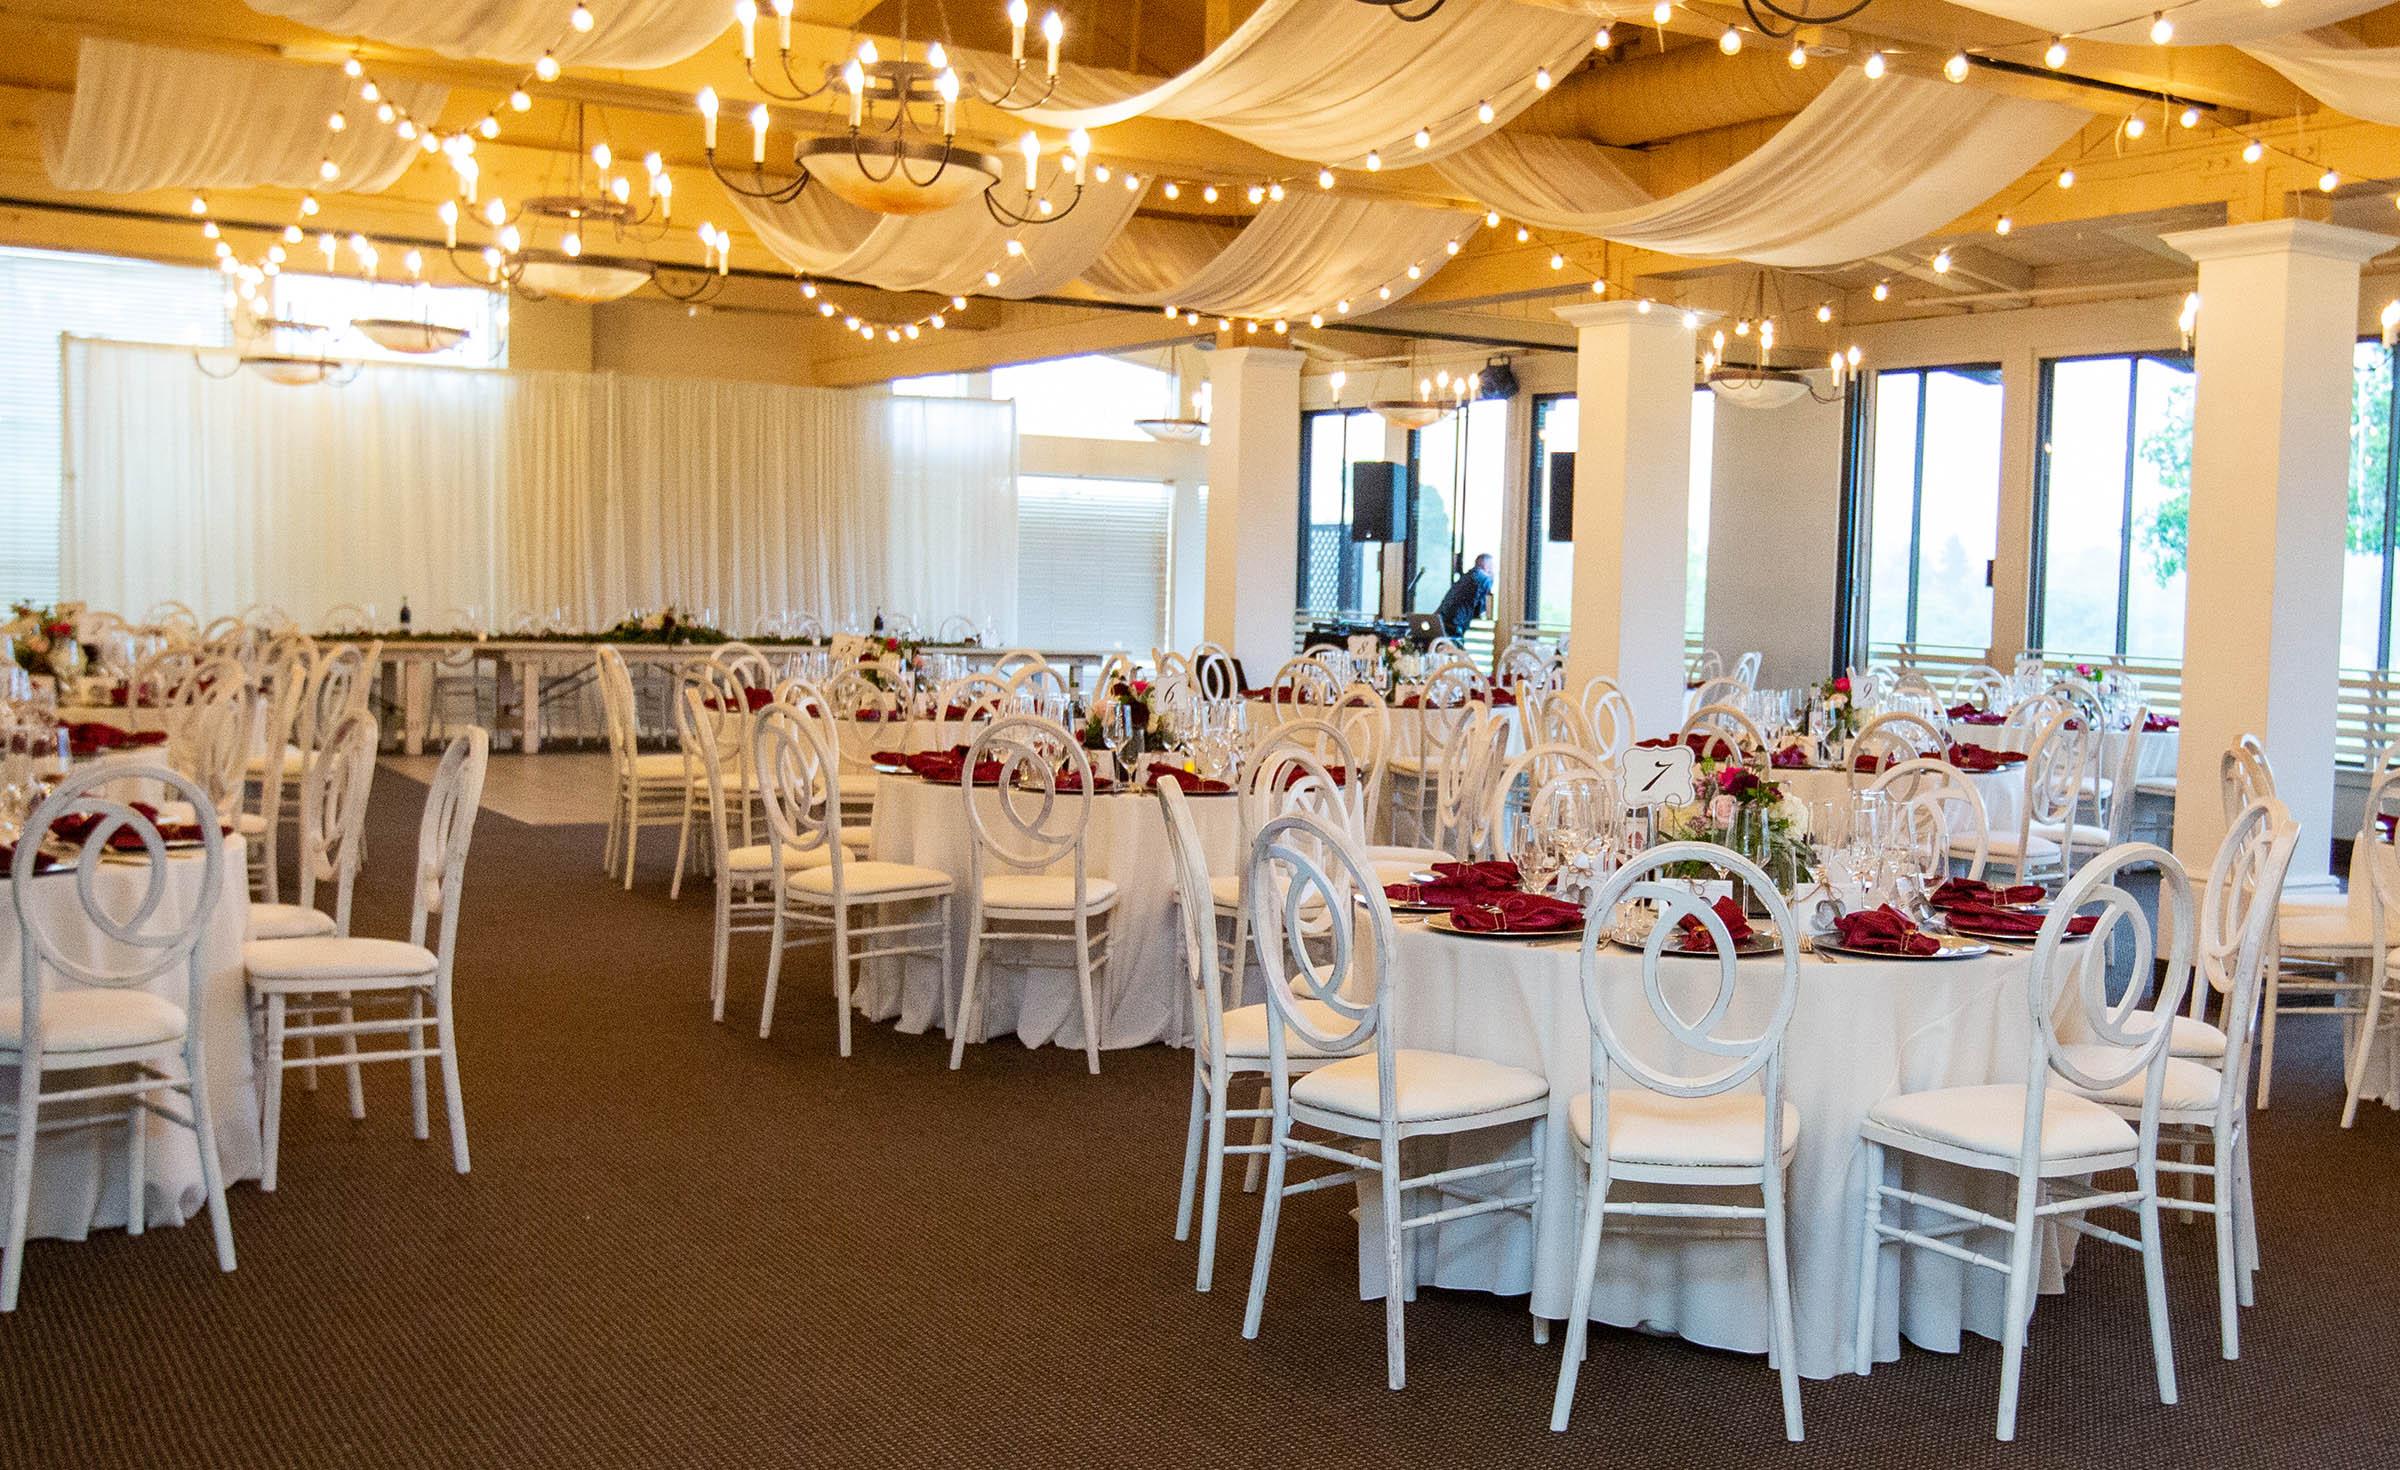 Wedding reception in the Merienda Room - Carmel - Carmel, California - Monterey County - Wedgewood Weddings